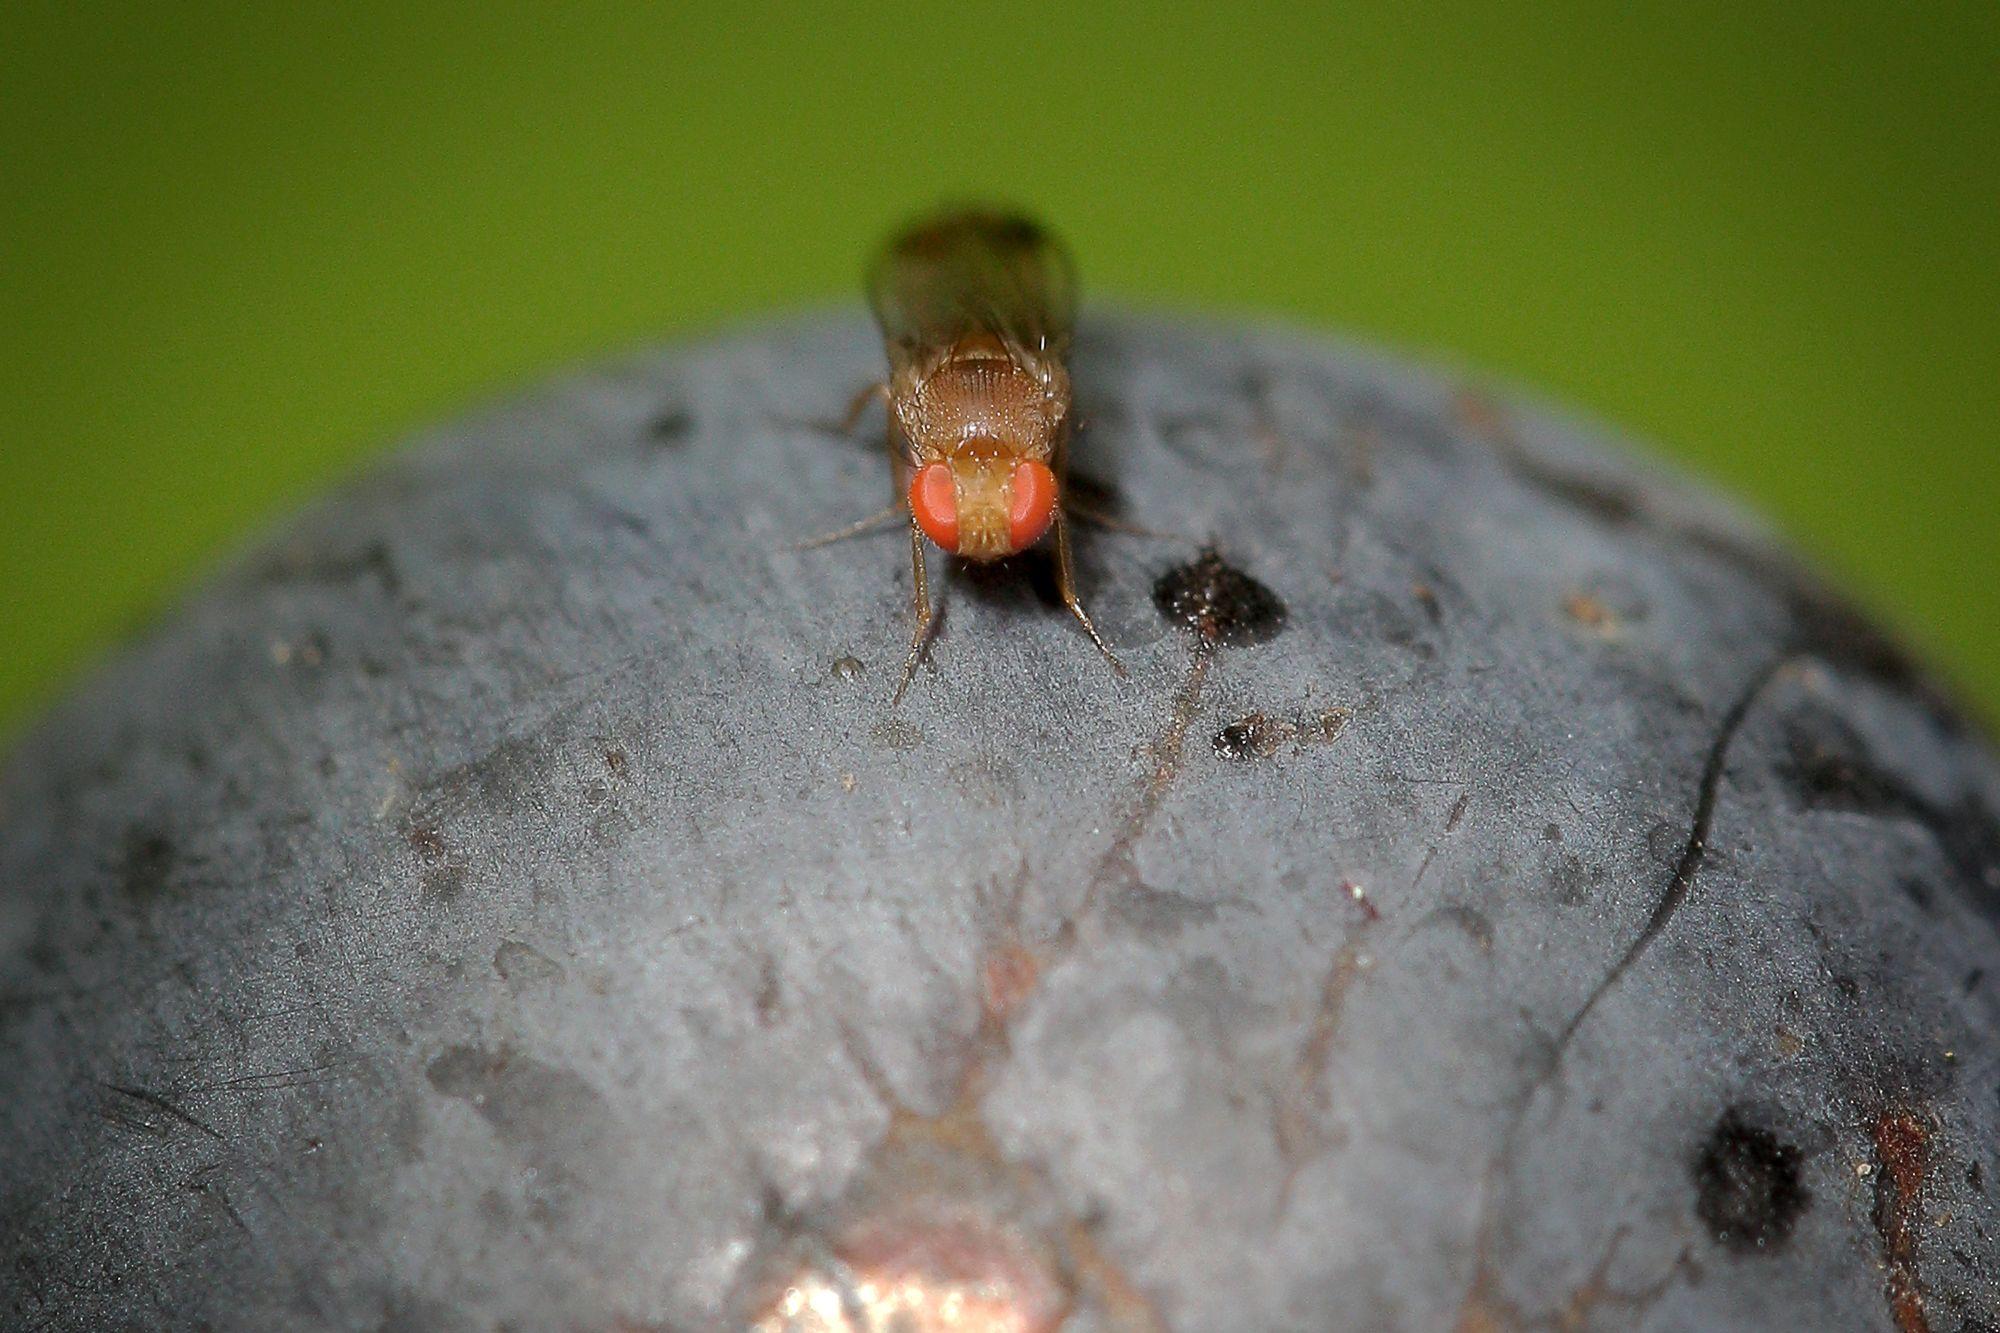 Le valais s 39 attaque la mouche suzukii en cr ant une cellule de lutte valais - Astuce pour se debarrasser des mouches ...